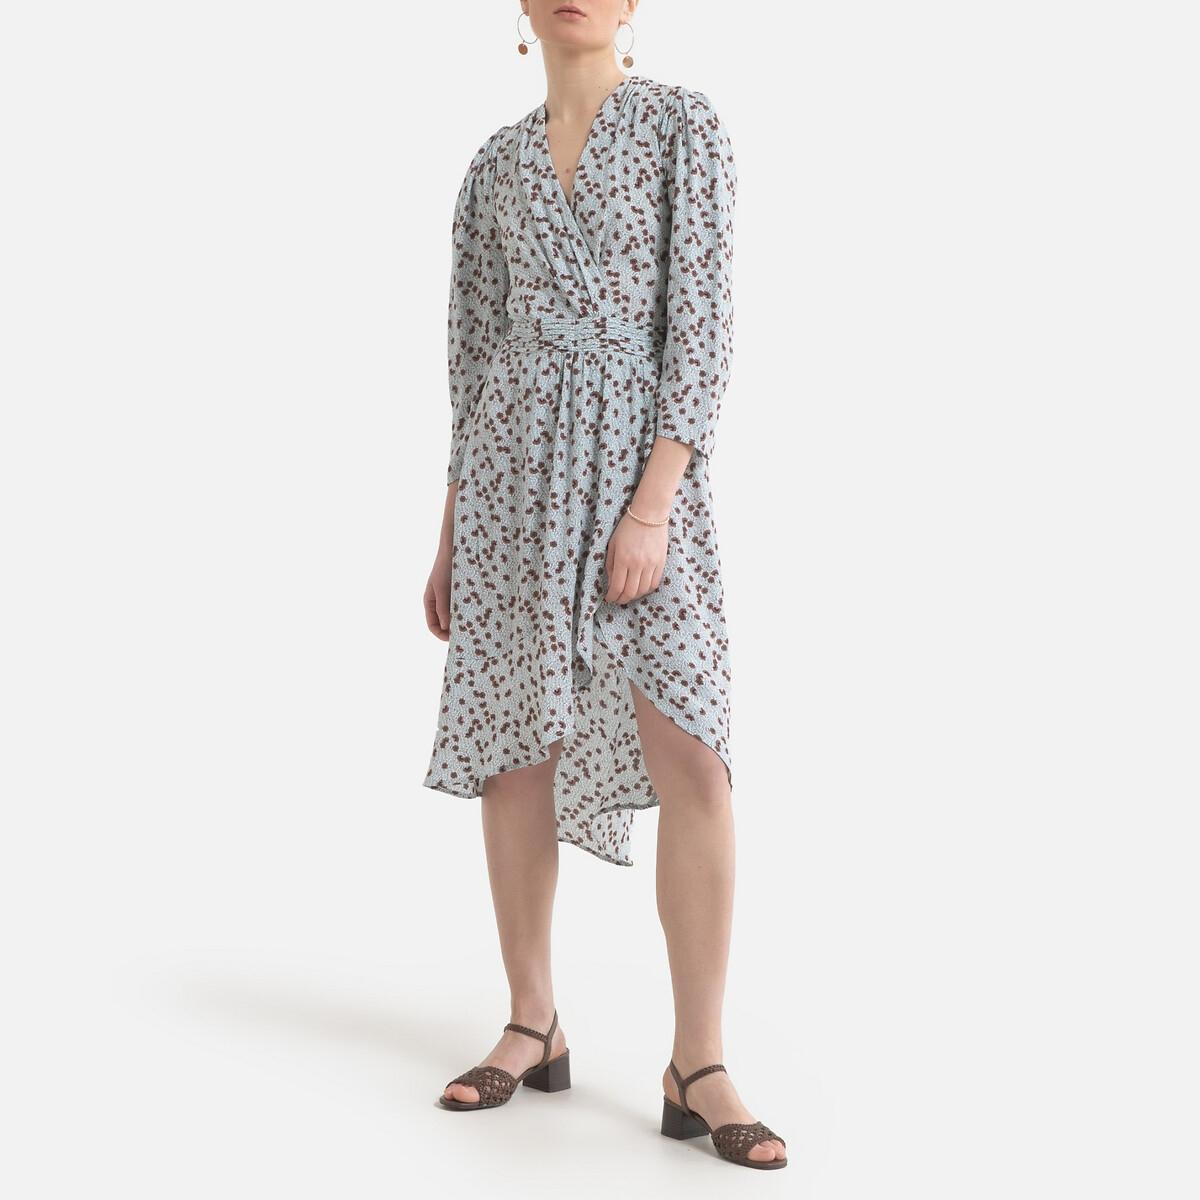 Фото - Платье LaRedoute С длинными рукавами принтом и V-образным вырезом 3(L) синий блузка laredoute с принтом и v образным вырезом длинные рукава xs зеленый